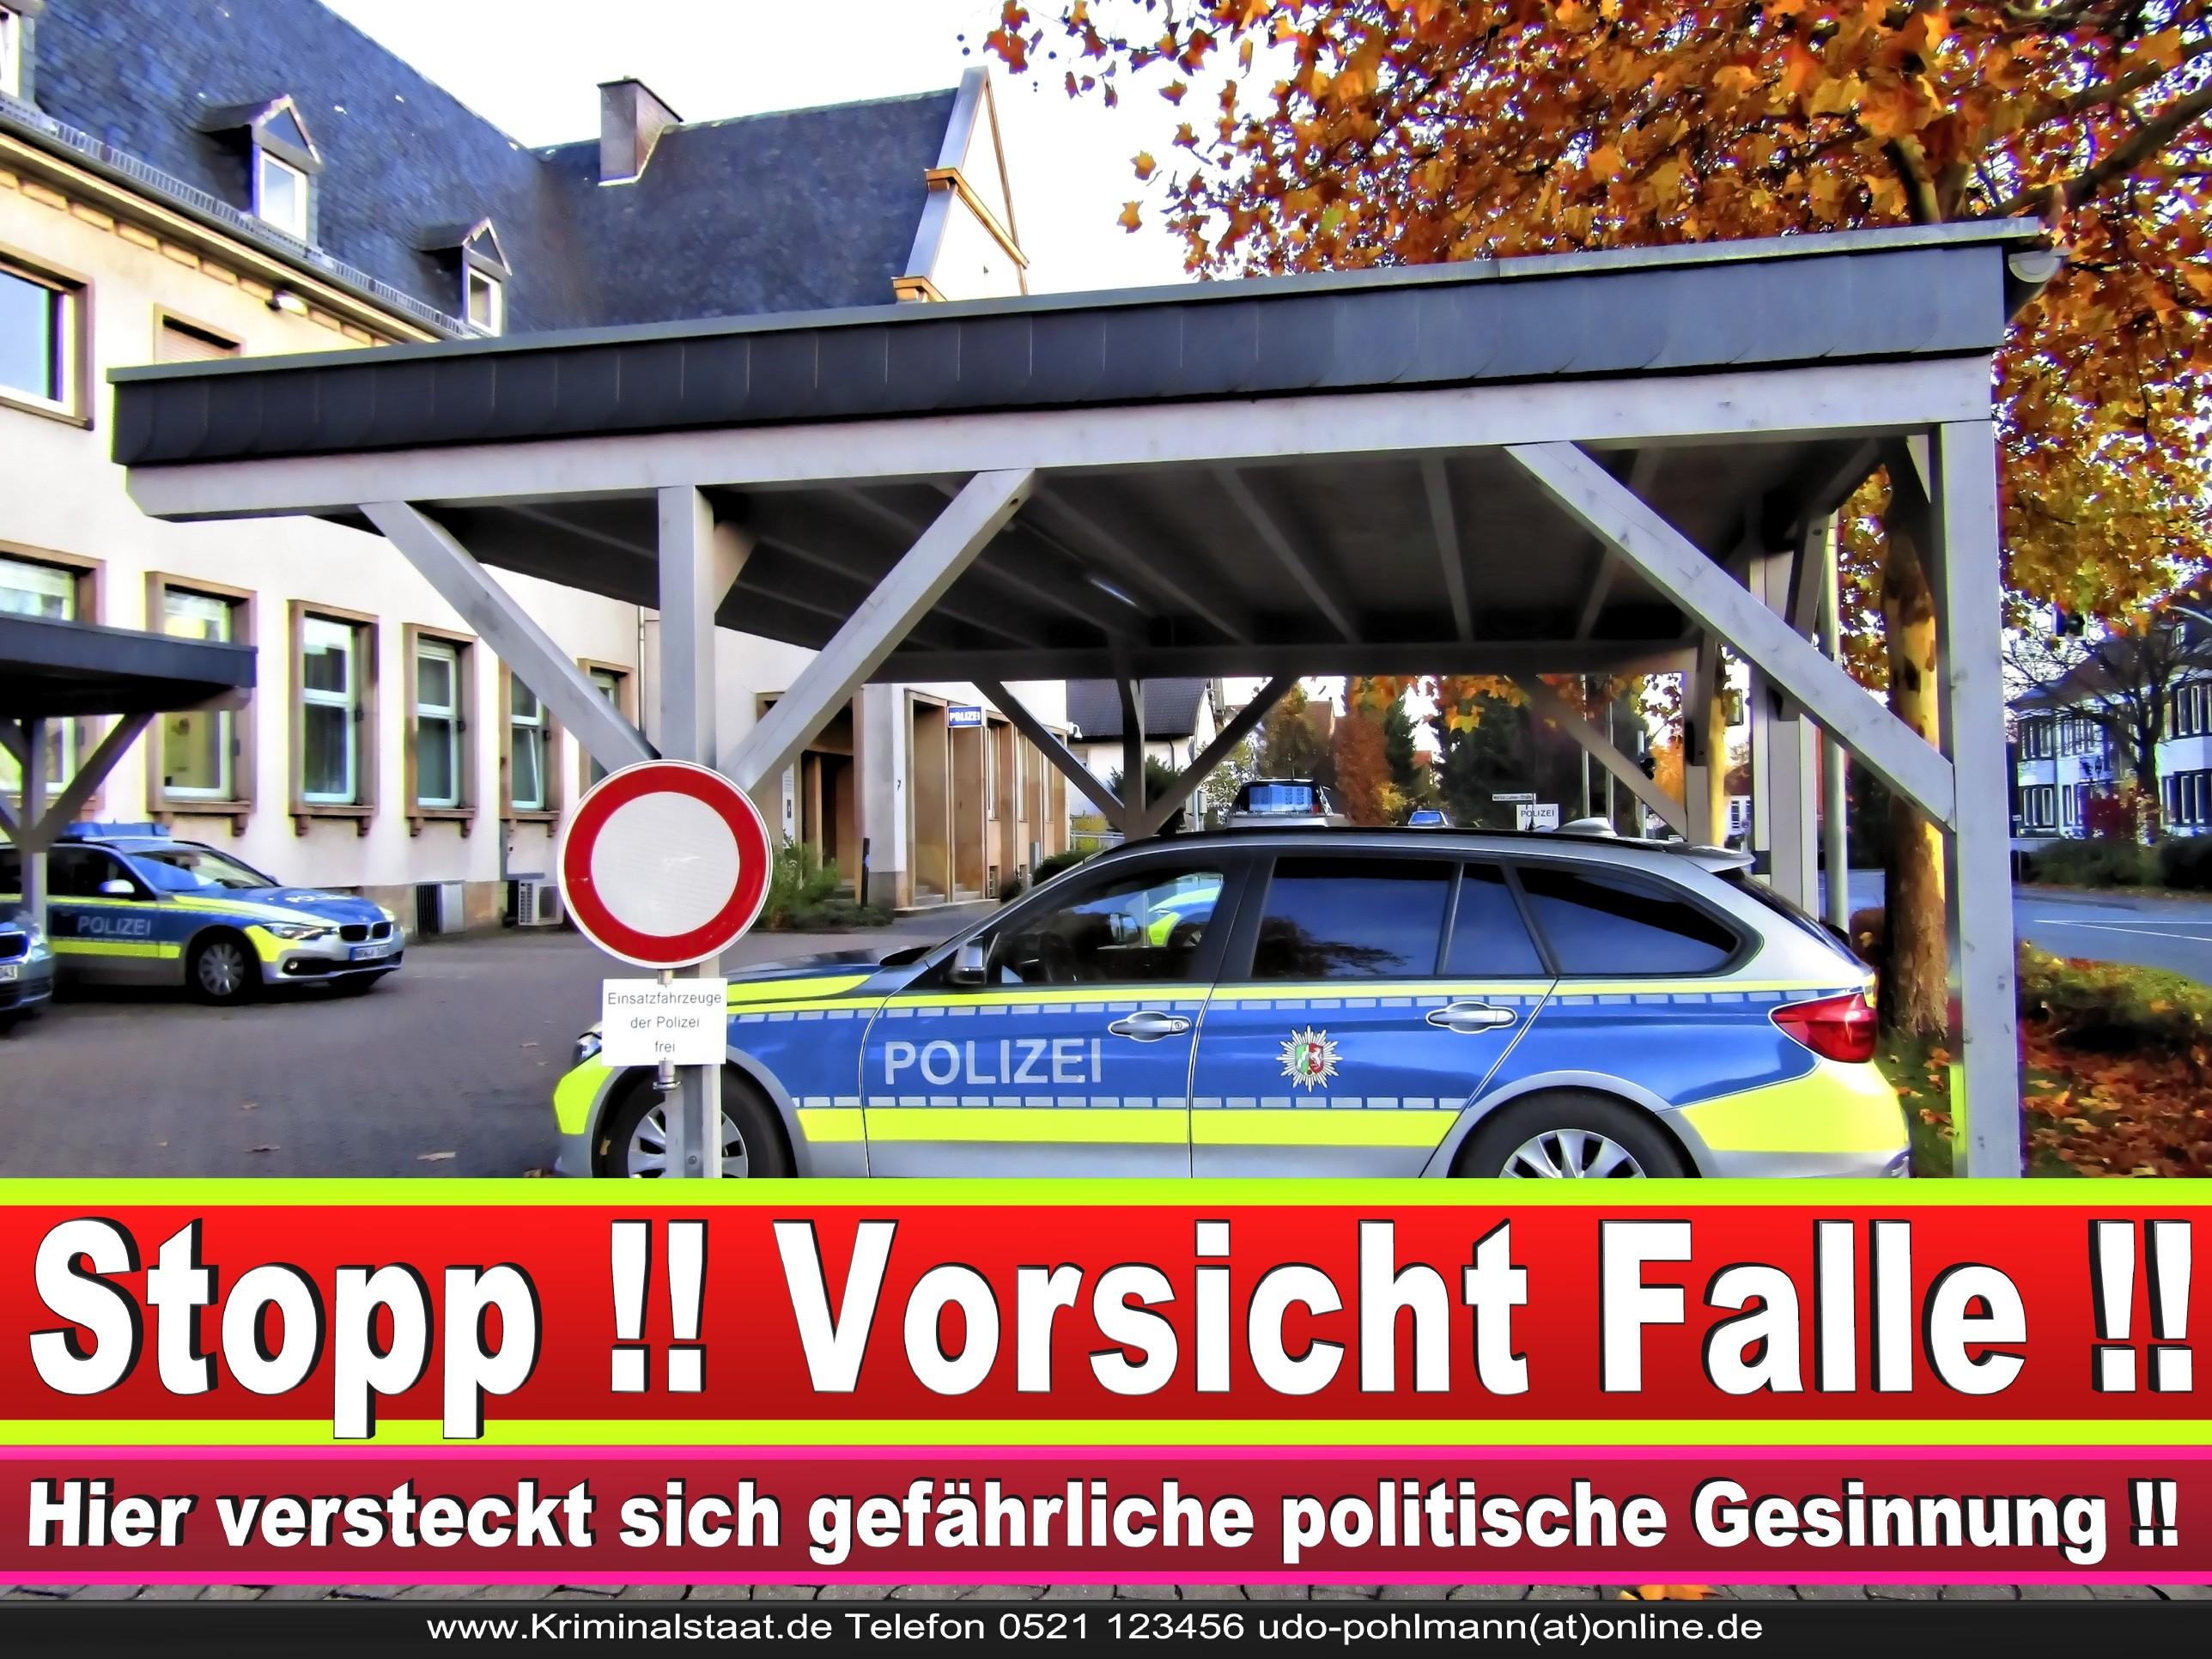 Polizei Halle Westfalen Kättkenstraße 7 33790 Halle Westfalen 9